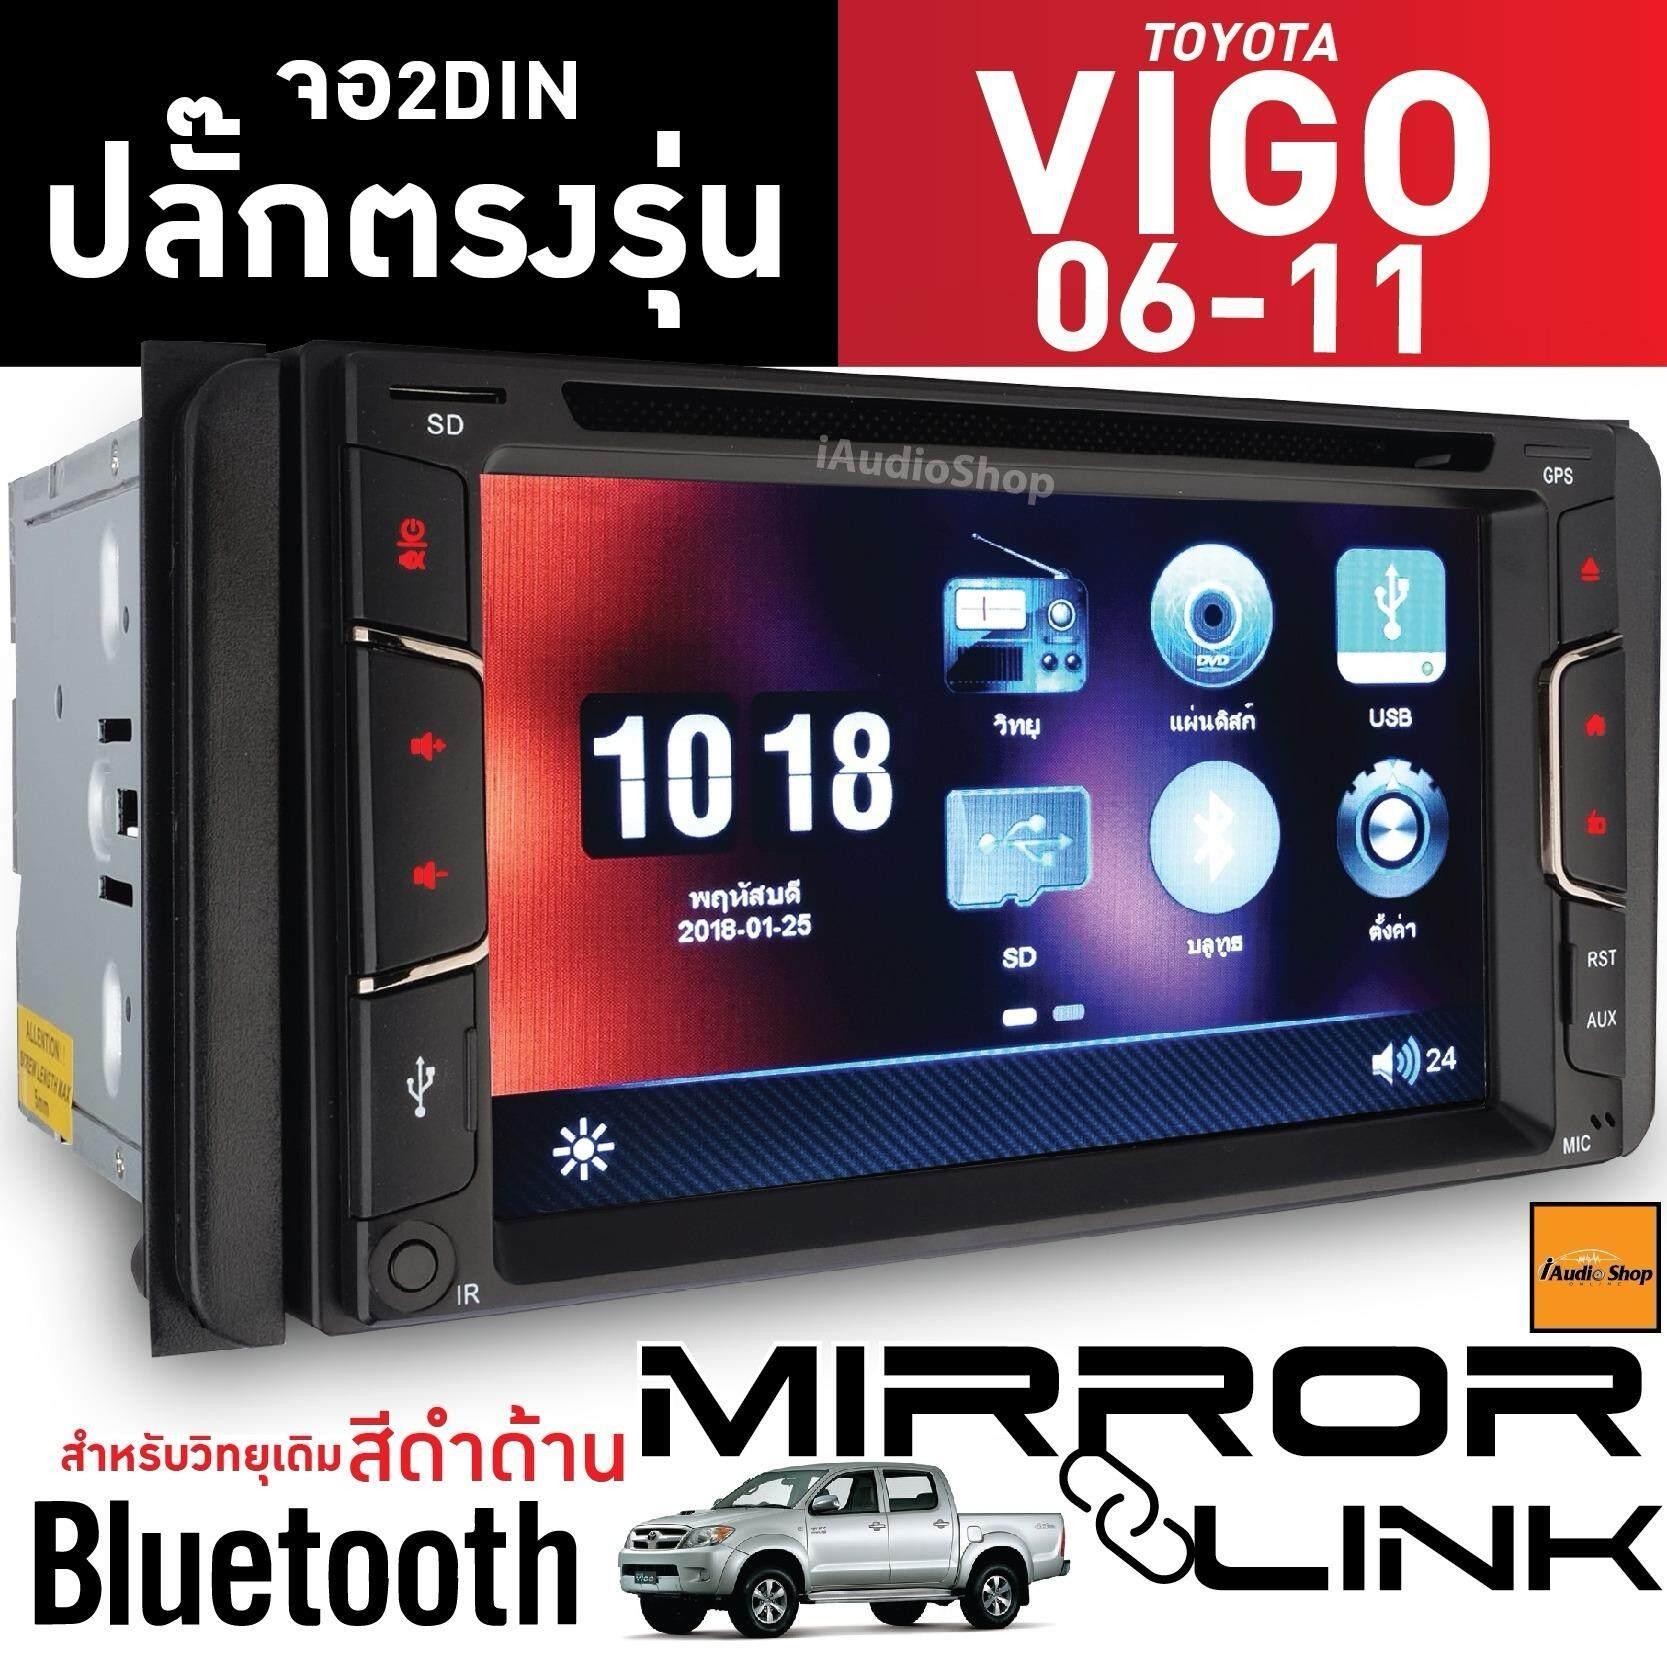 ซื้อ Black Magic ปลั๊กตรงรุ่น ระบบมิลเลอร์ลิงค์ วิทยุติดรถยนต์ จอติดรถยนต์ จอ2Din วิทยุ2Din เครื่องเสียงรถยนต์ Bmg 6517 Mirror Link พร้อมประกับข้างวิทยุ โตโยต้า วีโก้ Toyota Vigo Cd 06 11 ปลั๊กตรงรุ่นไม่ต้องตัดต่อสายไฟ สำหรับวิทยุเดิมเป็นสีดำด้าน ออนไลน์